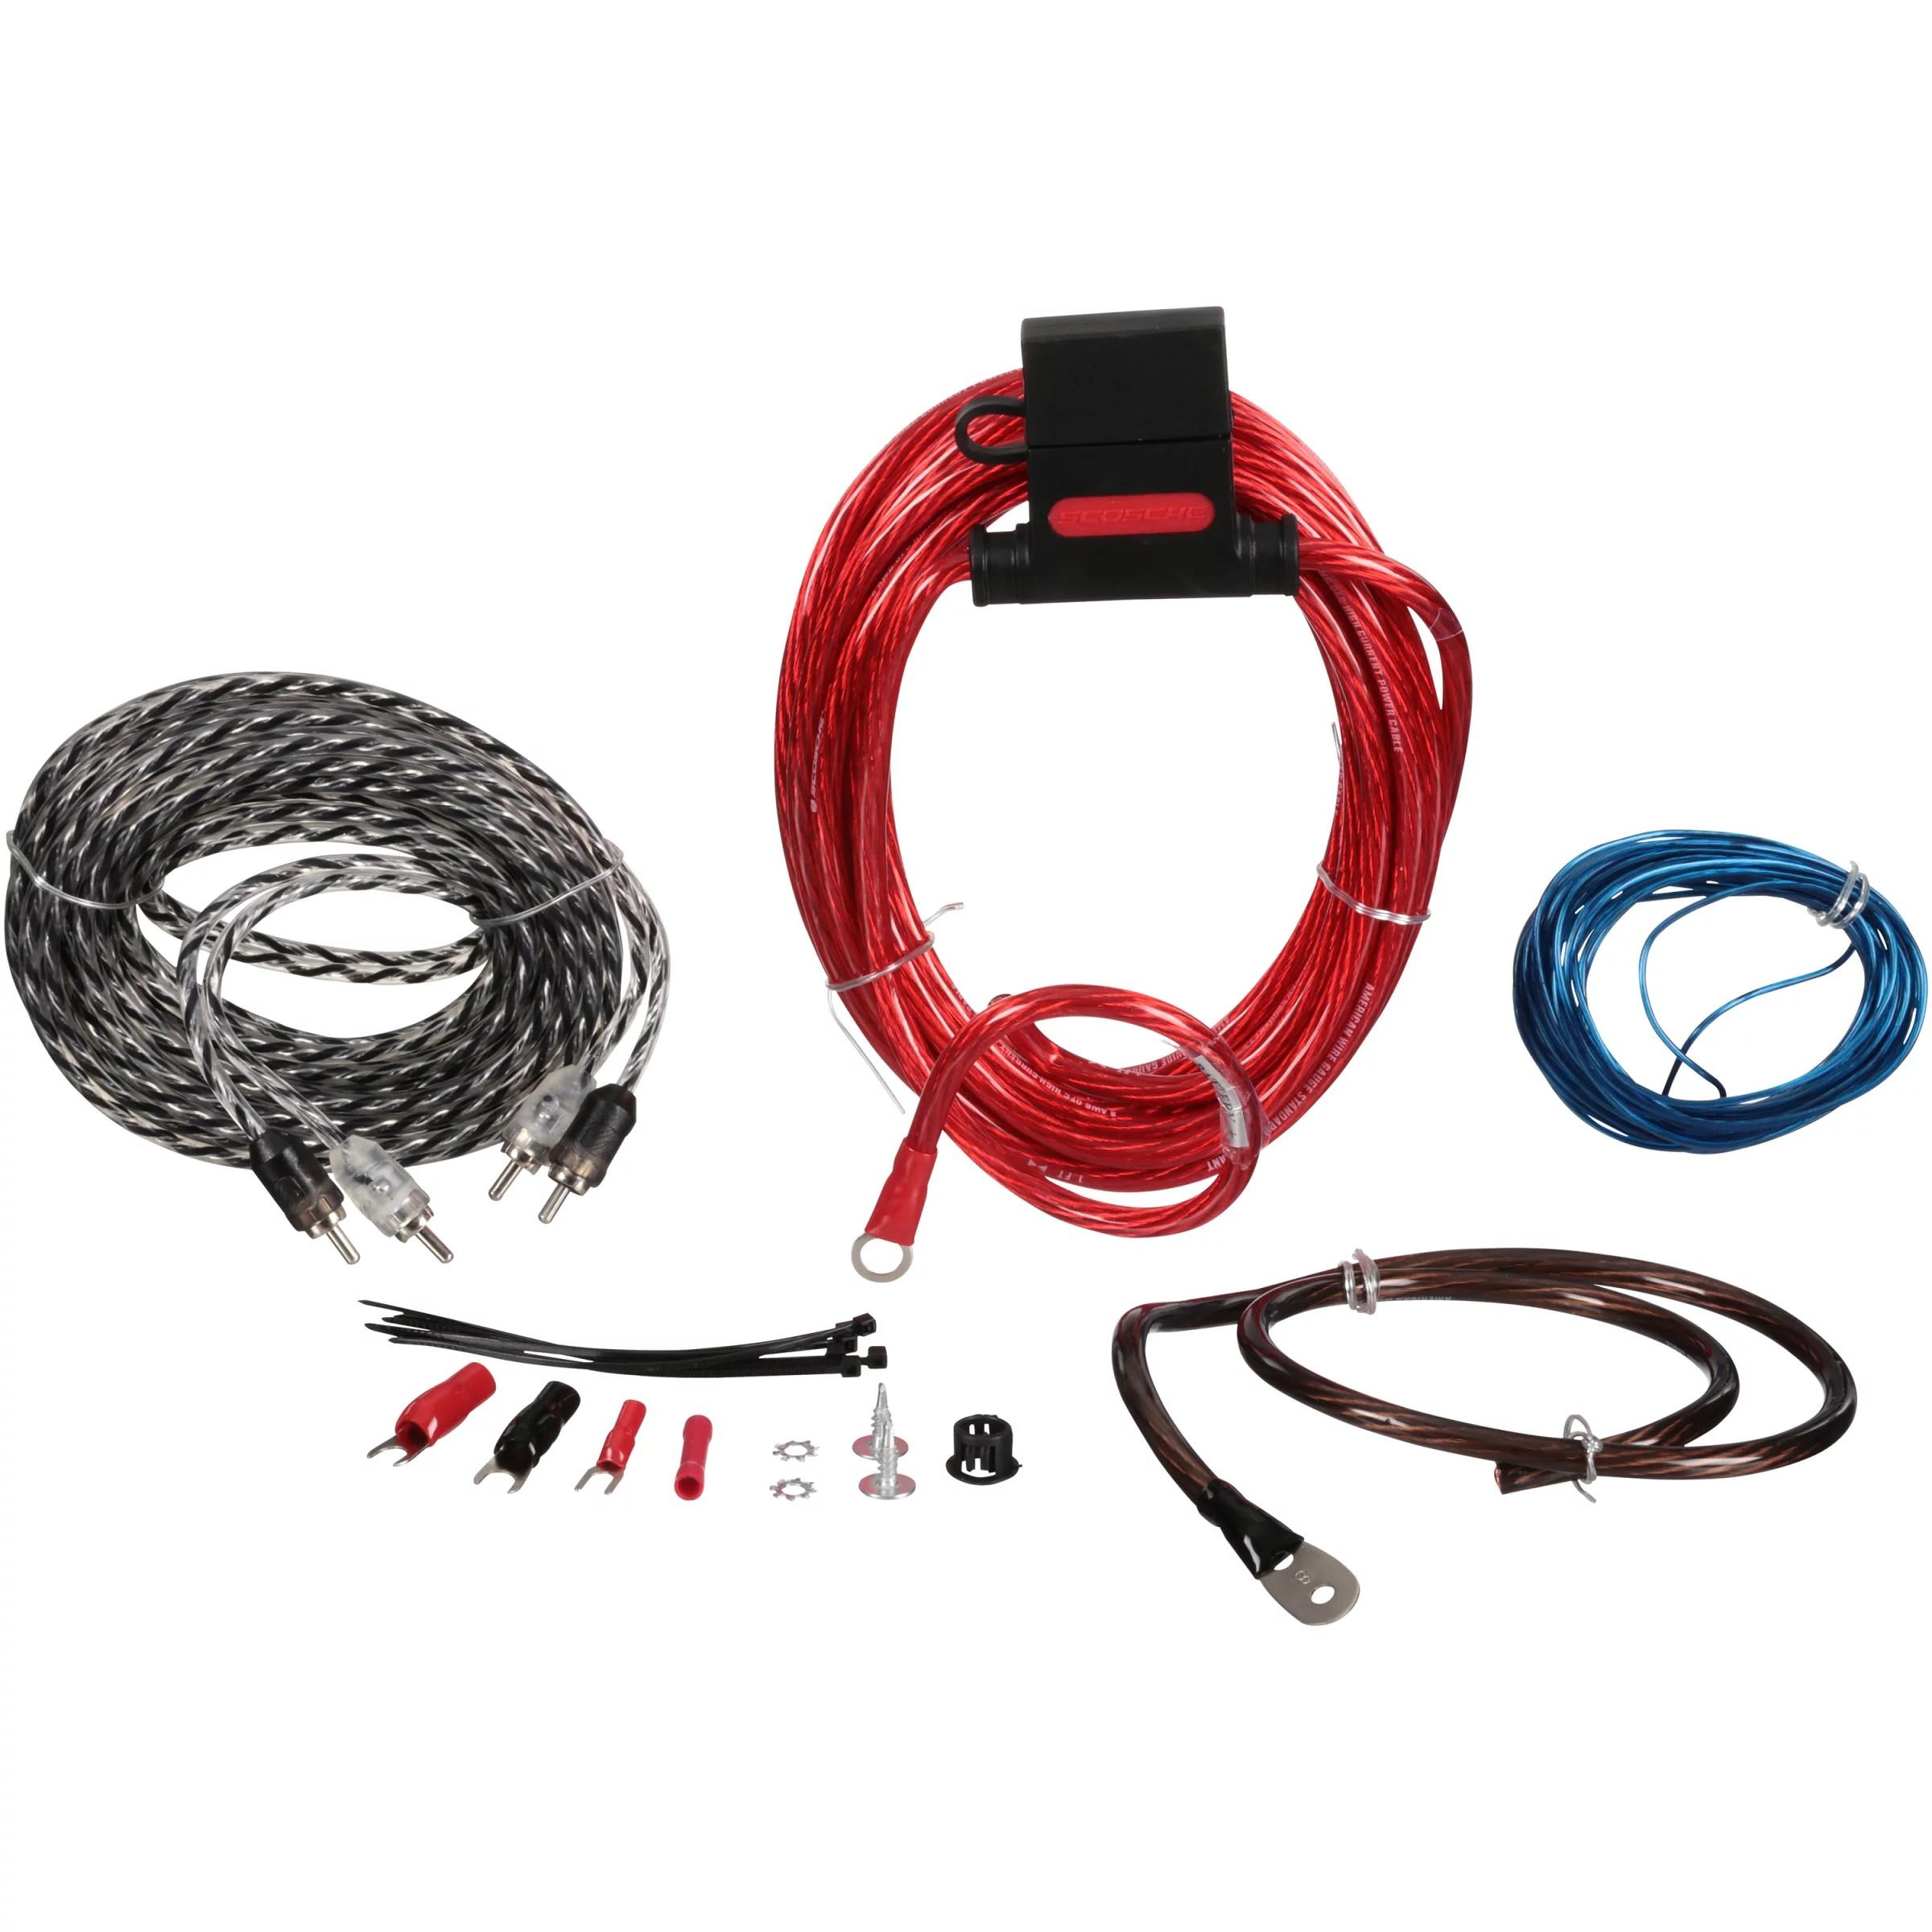 medium resolution of scosche car stereo amplifier wiring kit wiring diagram todayscosche 680 watt max 400 amp wiring